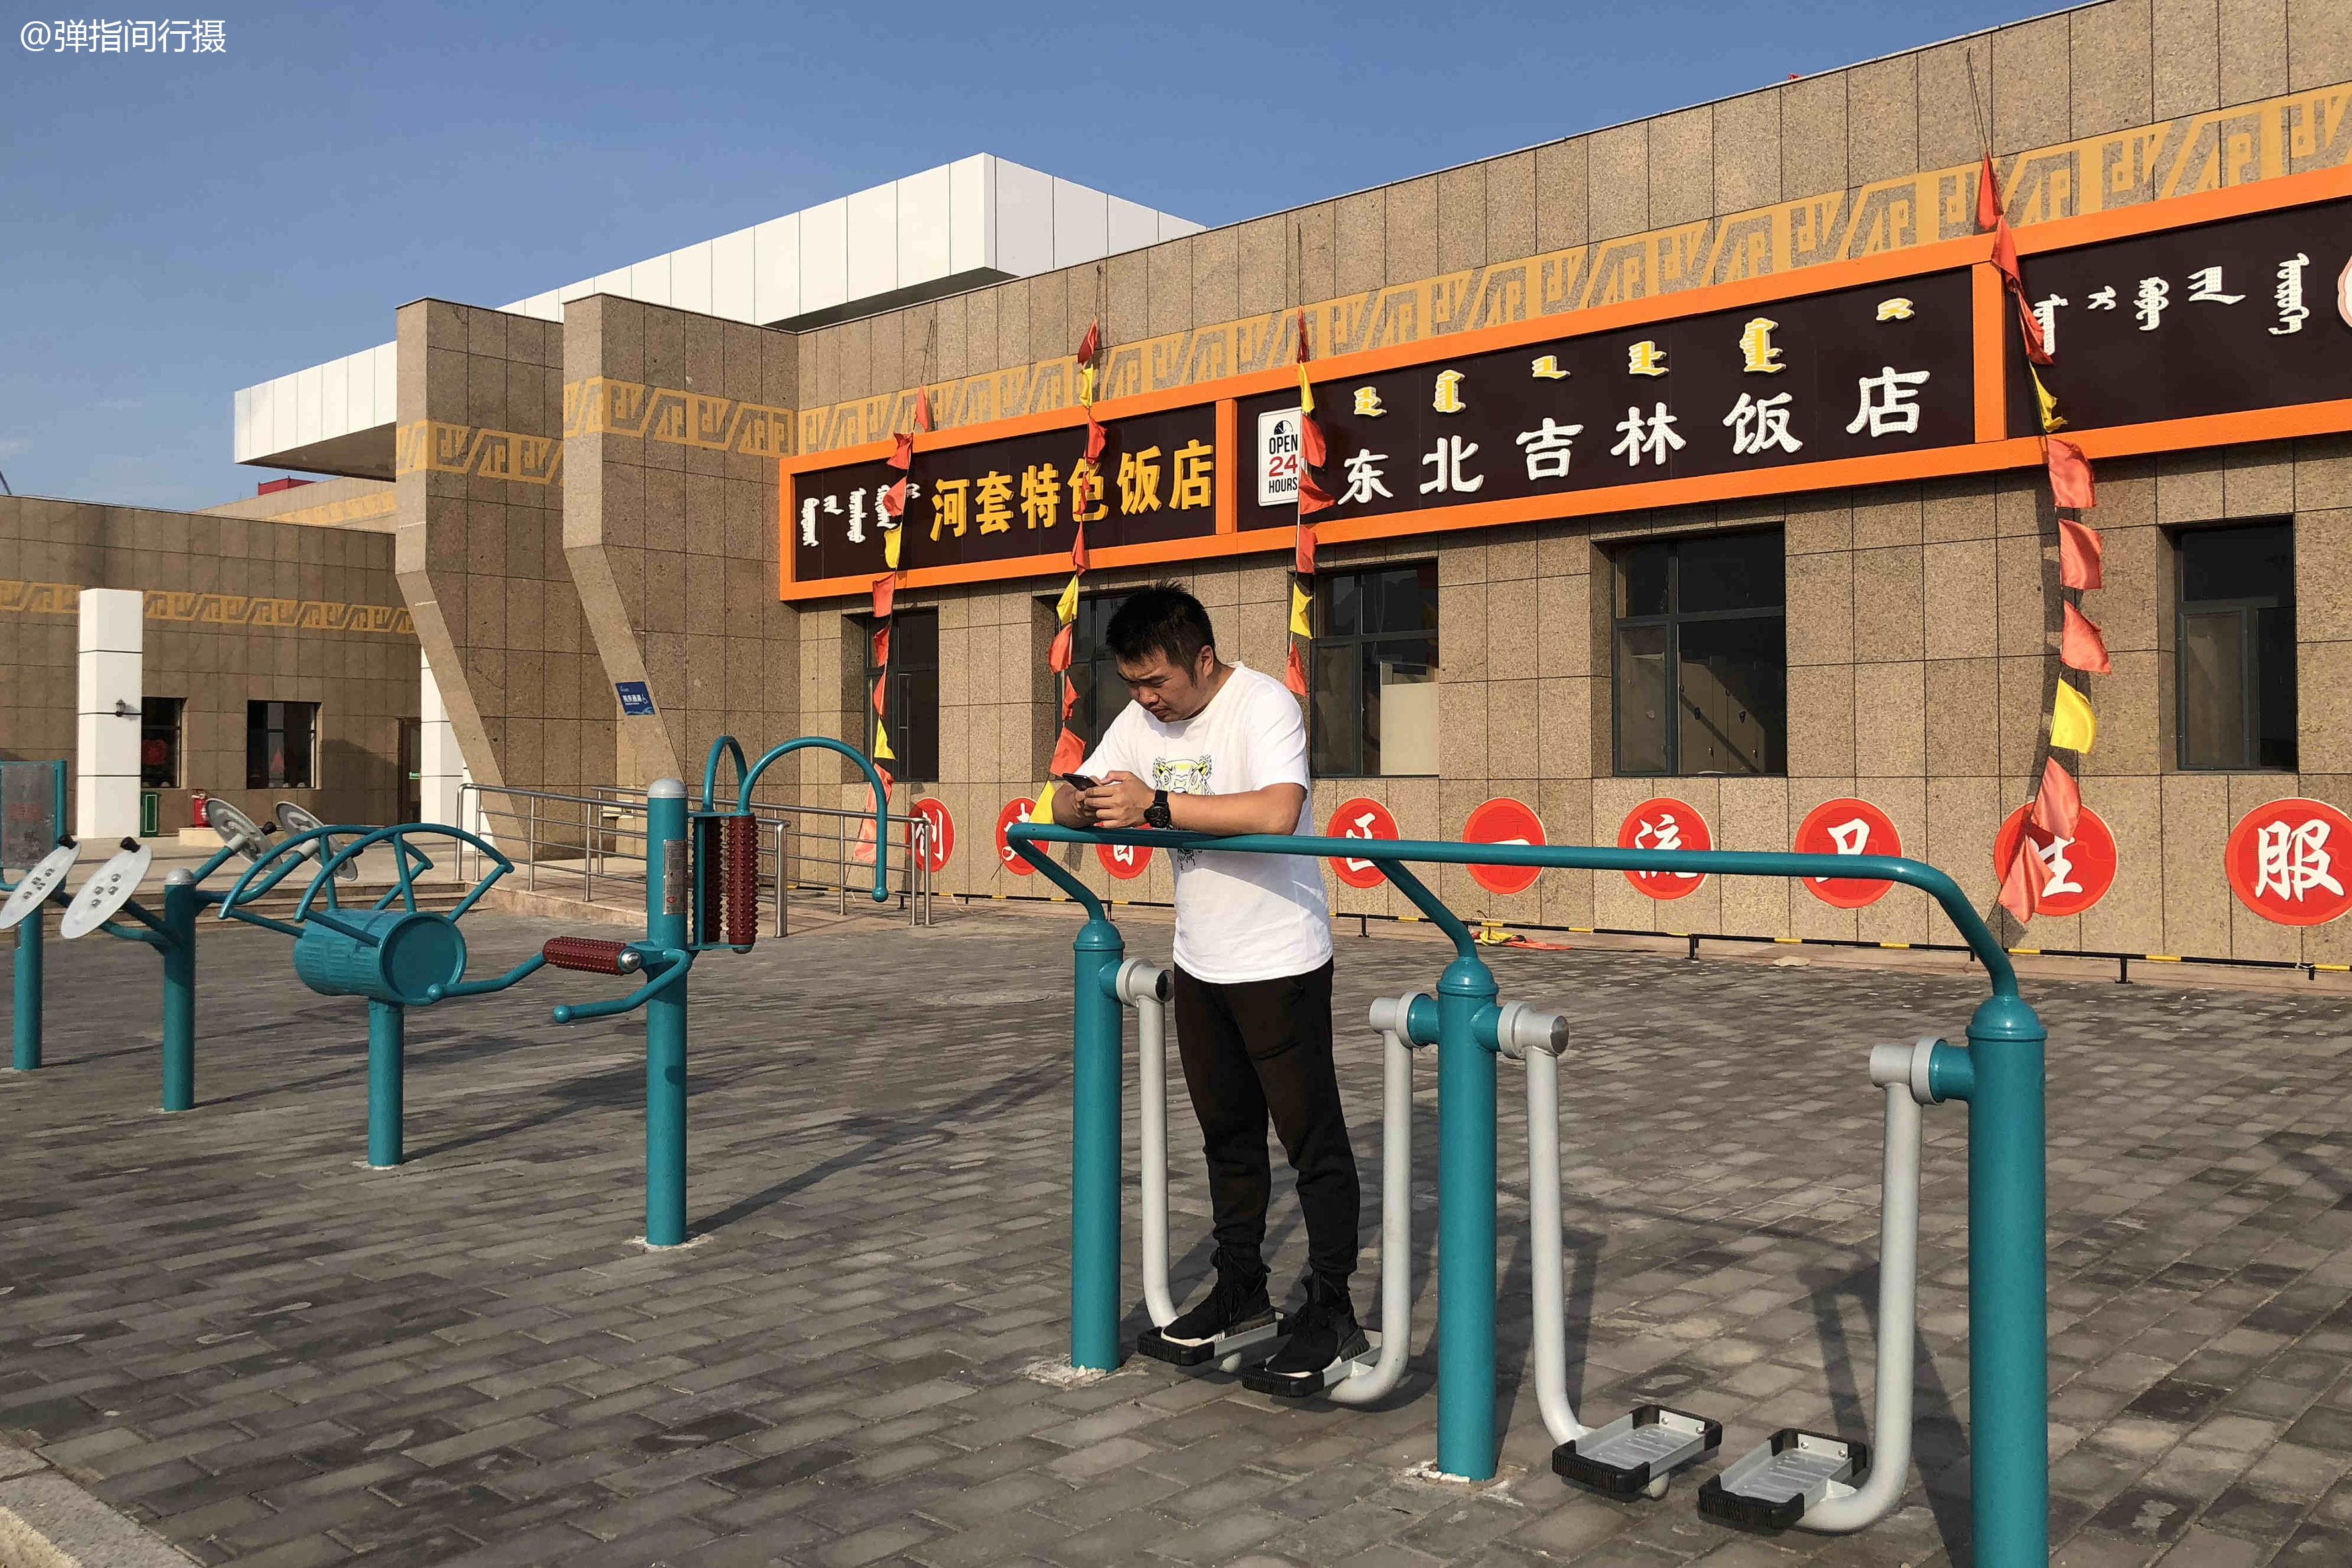 中国最好的高速服务区,竟在这个边陲省区,